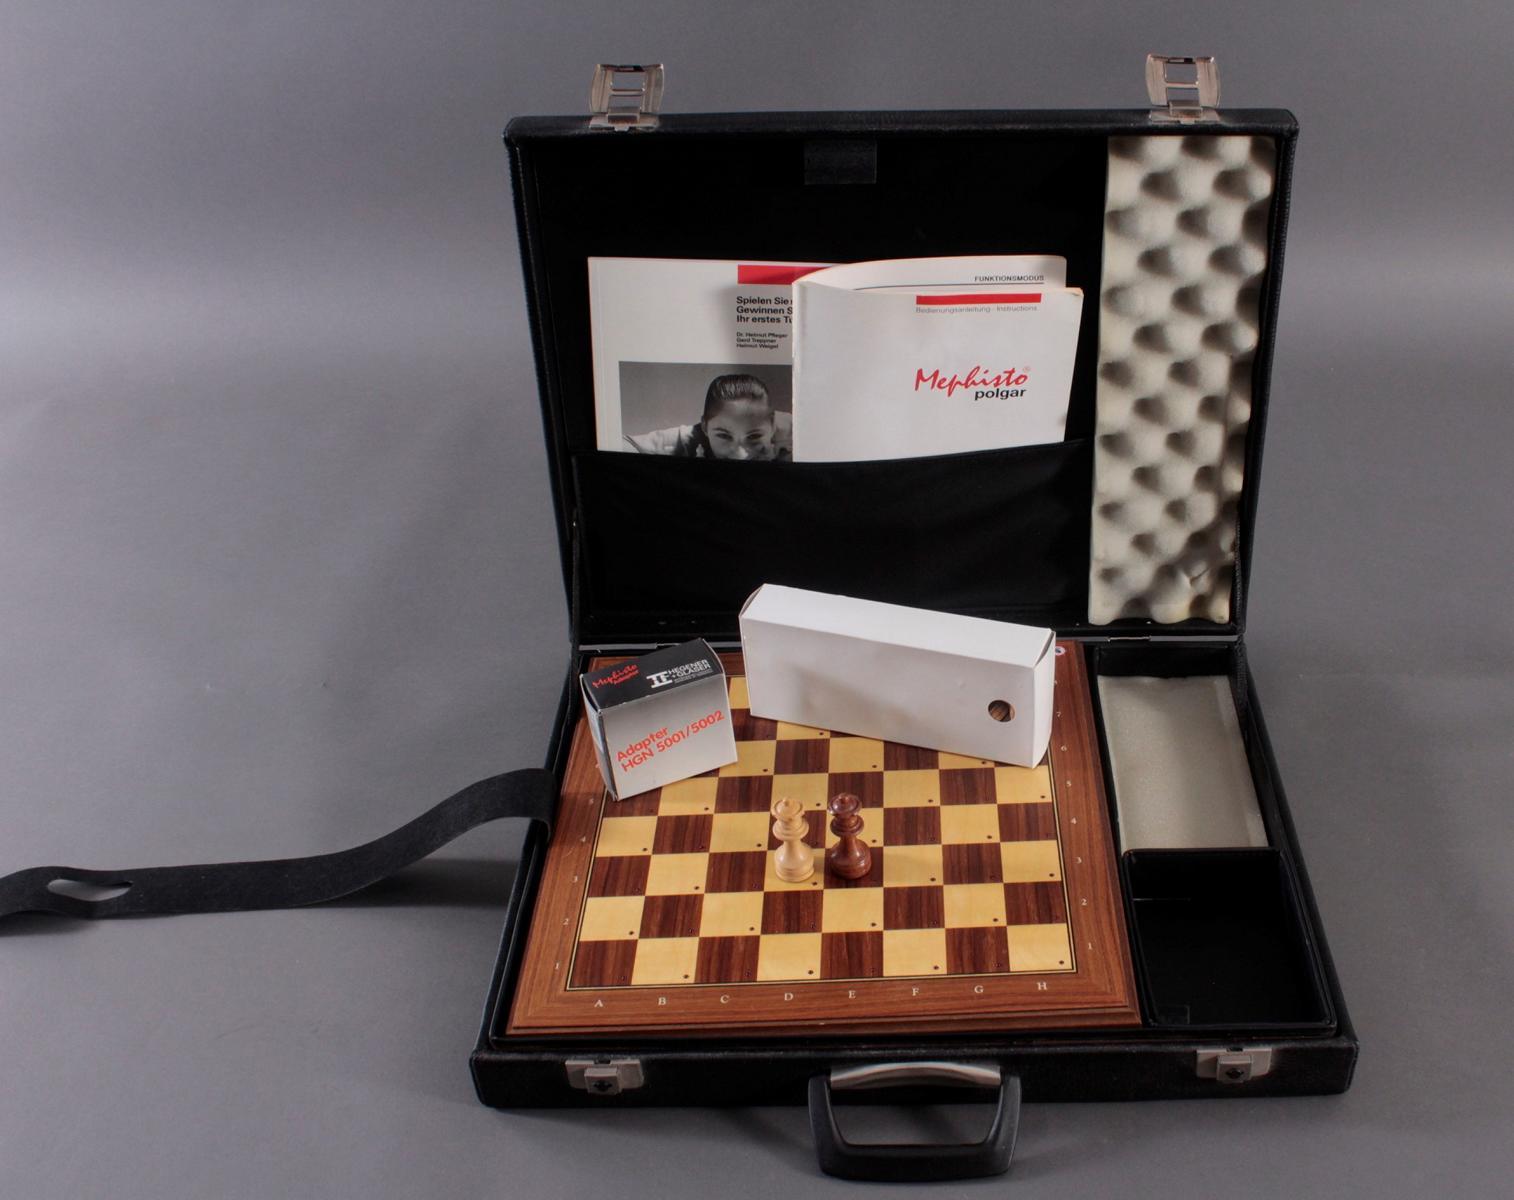 Schachcomputer Mephisto Exclusiv aus den 1990er Jahren